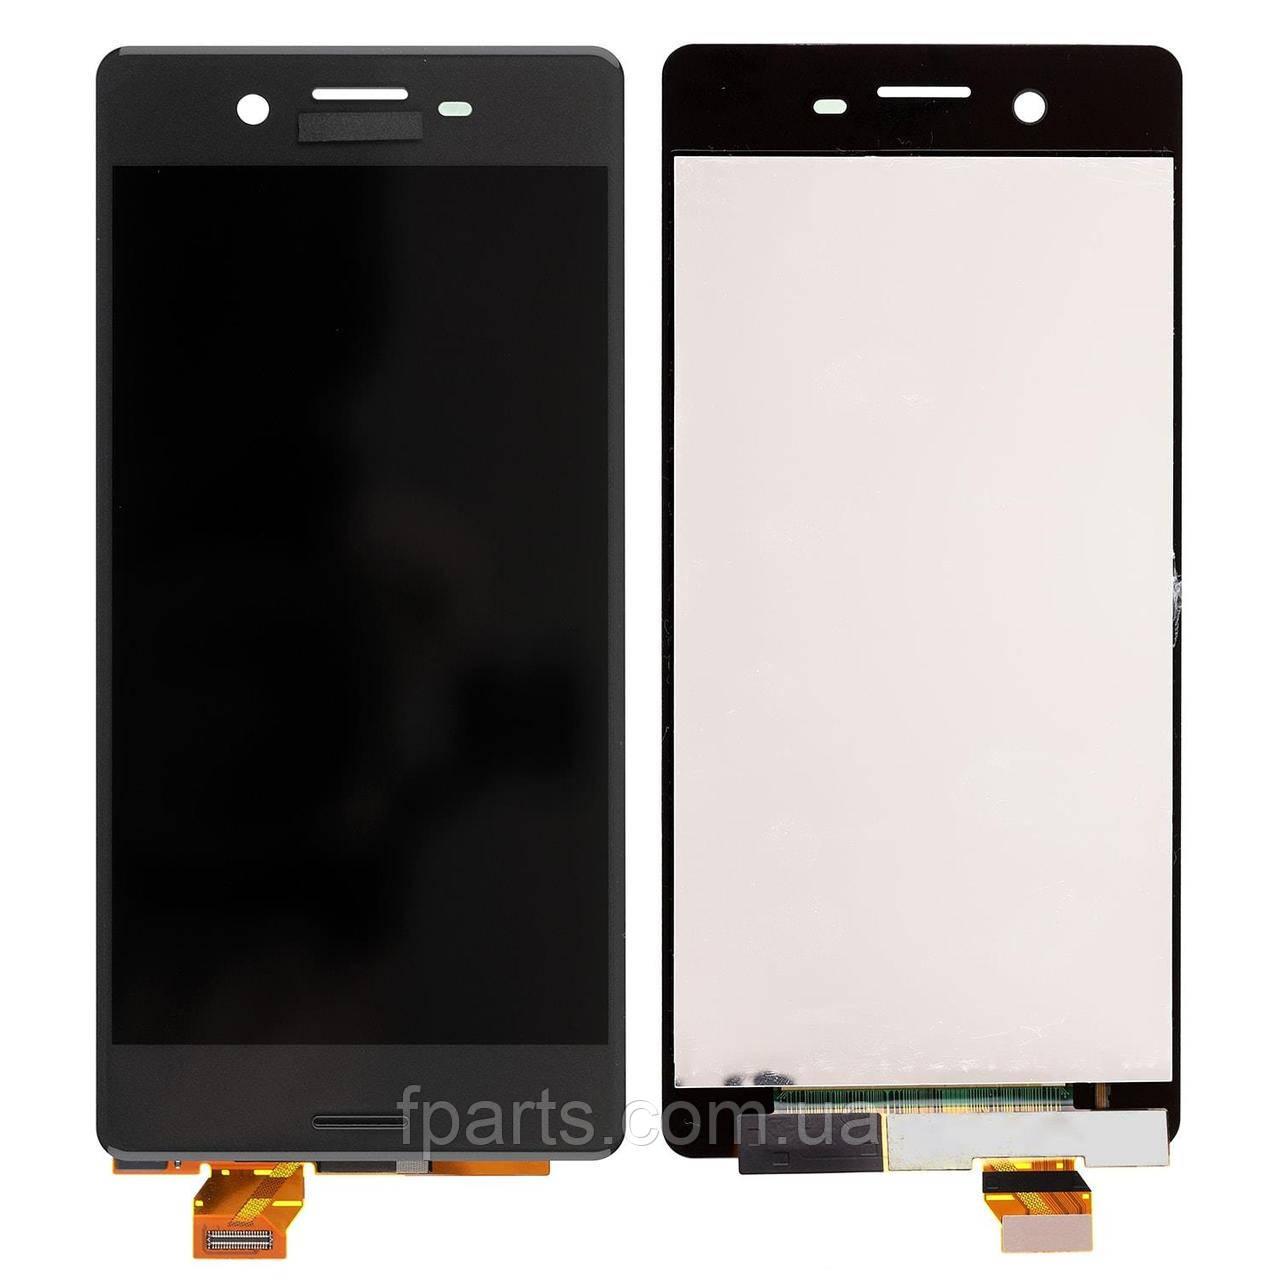 Дисплей Sony Xperia X Dual F5121, F5122, Xperia X Performance F8131, F8132 з тачскріном (Black)